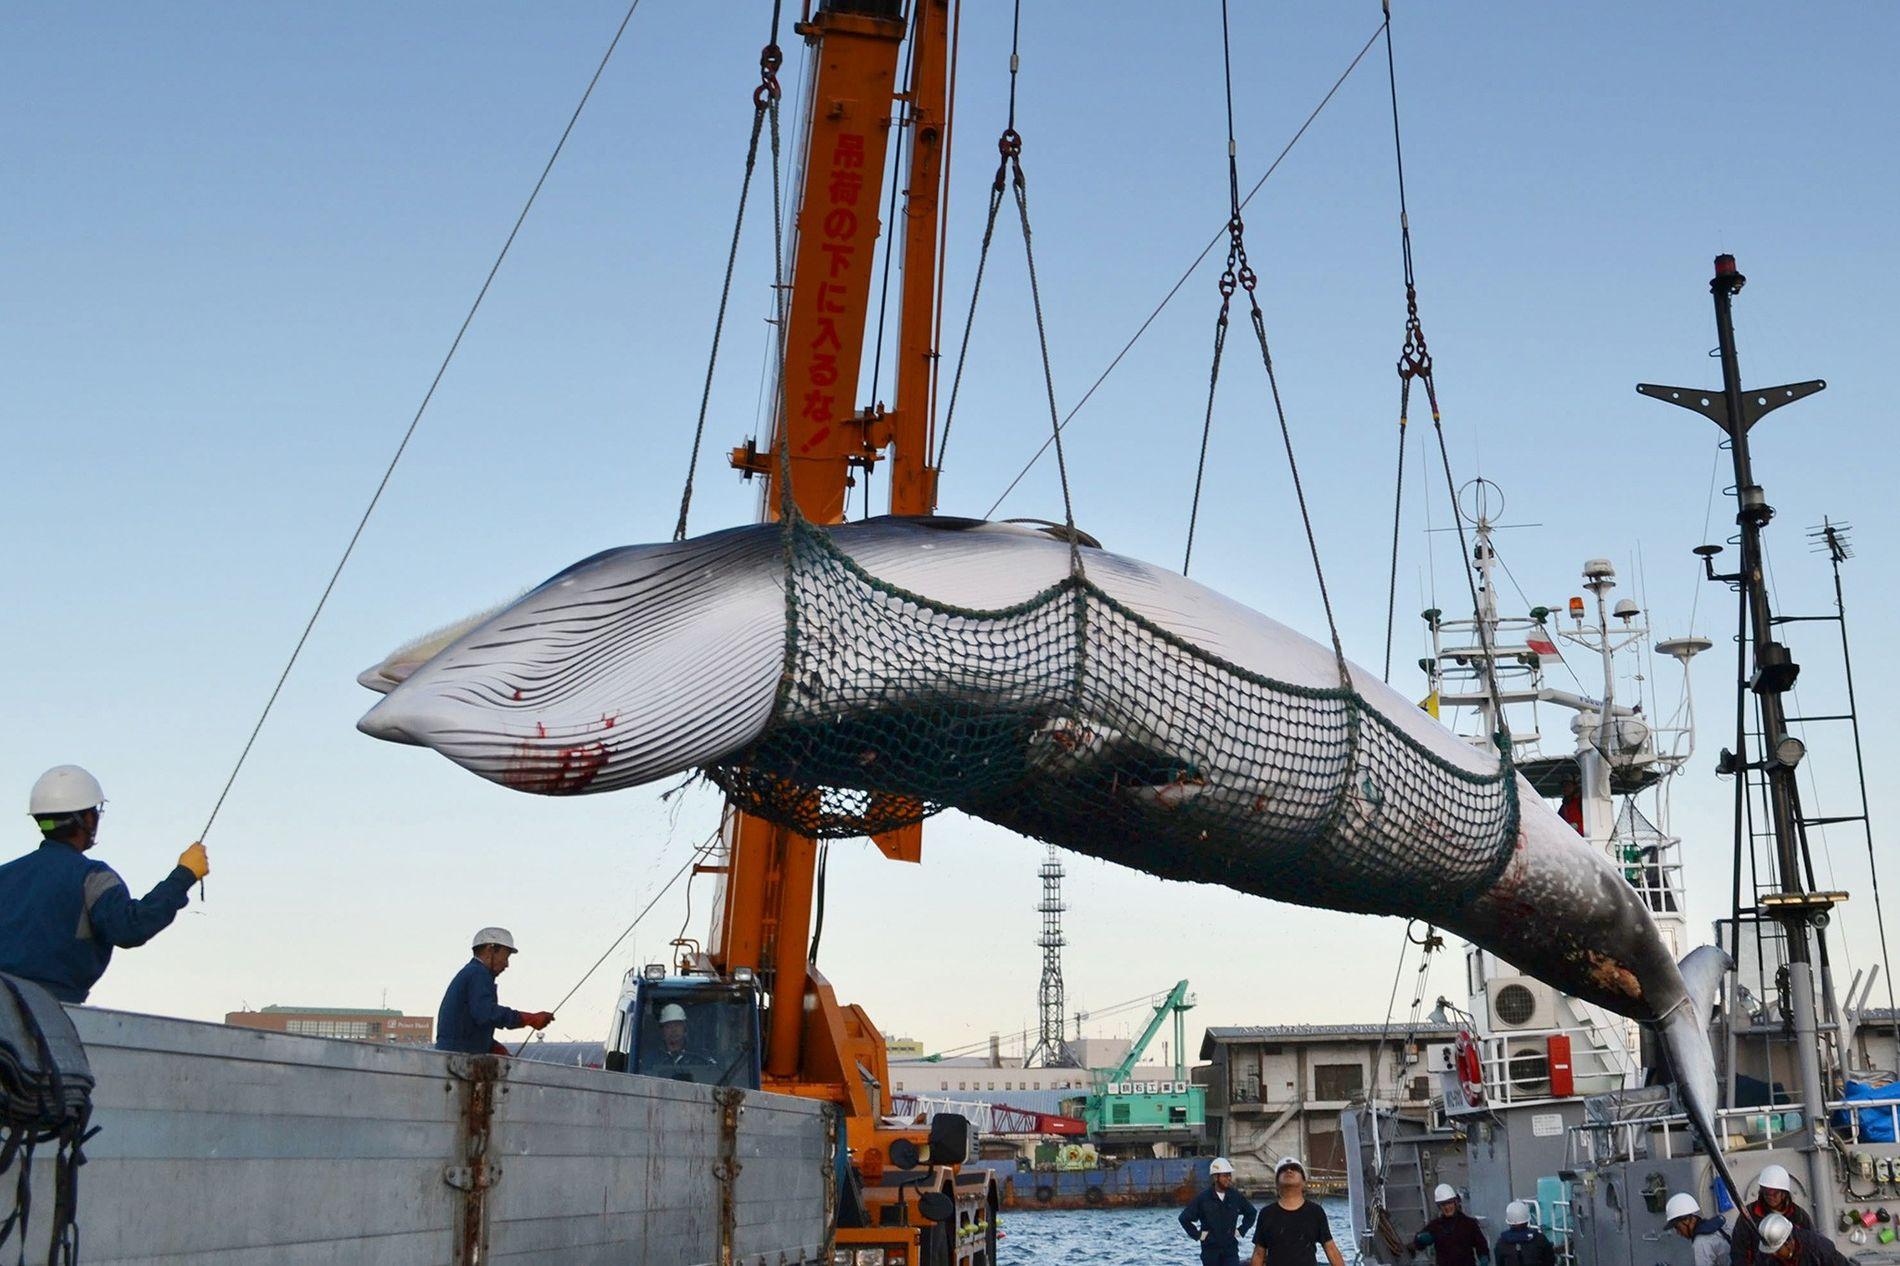 """Zwergwale wie diese, die in einem japanischen Hafen gerade an Land gebracht werden, wurden im Rahmen eines """"wissenschaftlichen Forschungsprogramms"""" immer wieder Ziel von japanischen Walfängern."""